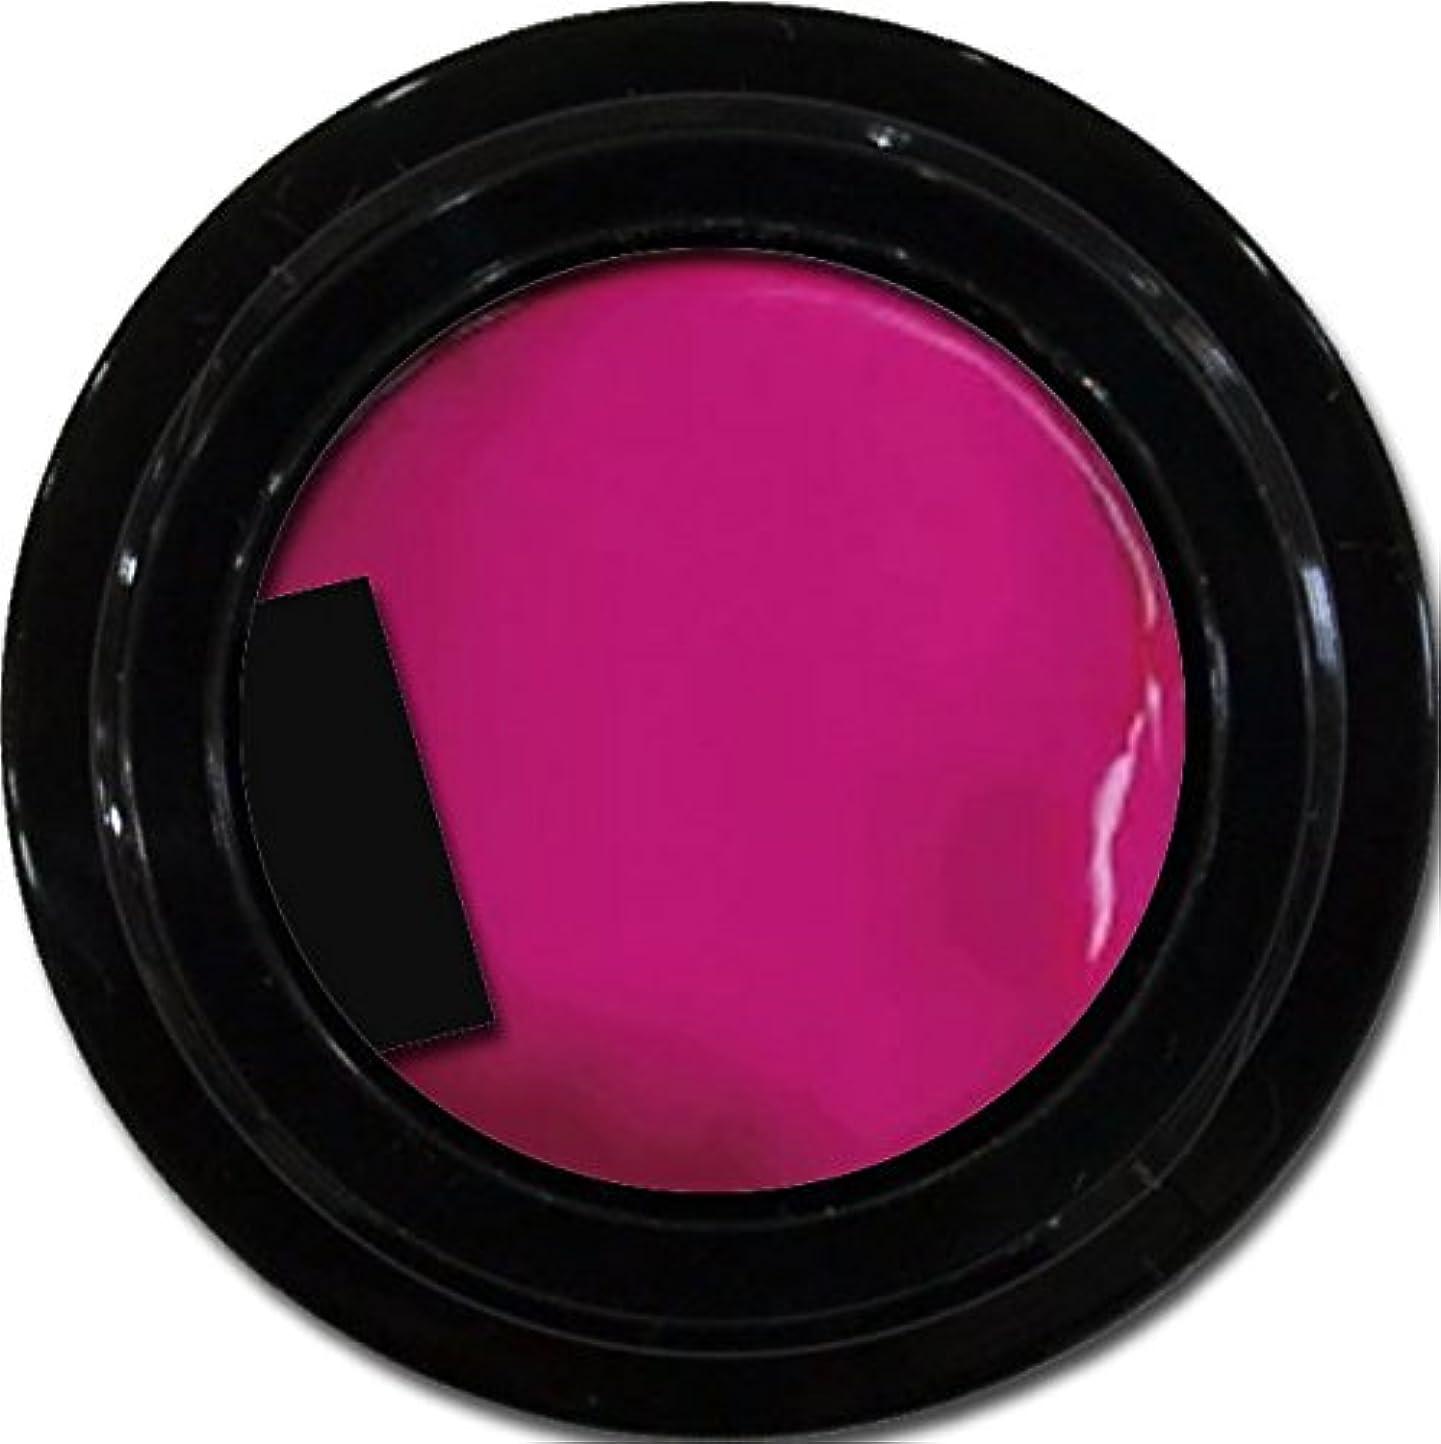 宣言上昇サワーカラージェル enchant color gel M214 NeoPink 3g/ マットカラージェル M214 ネオピンク 3グラム